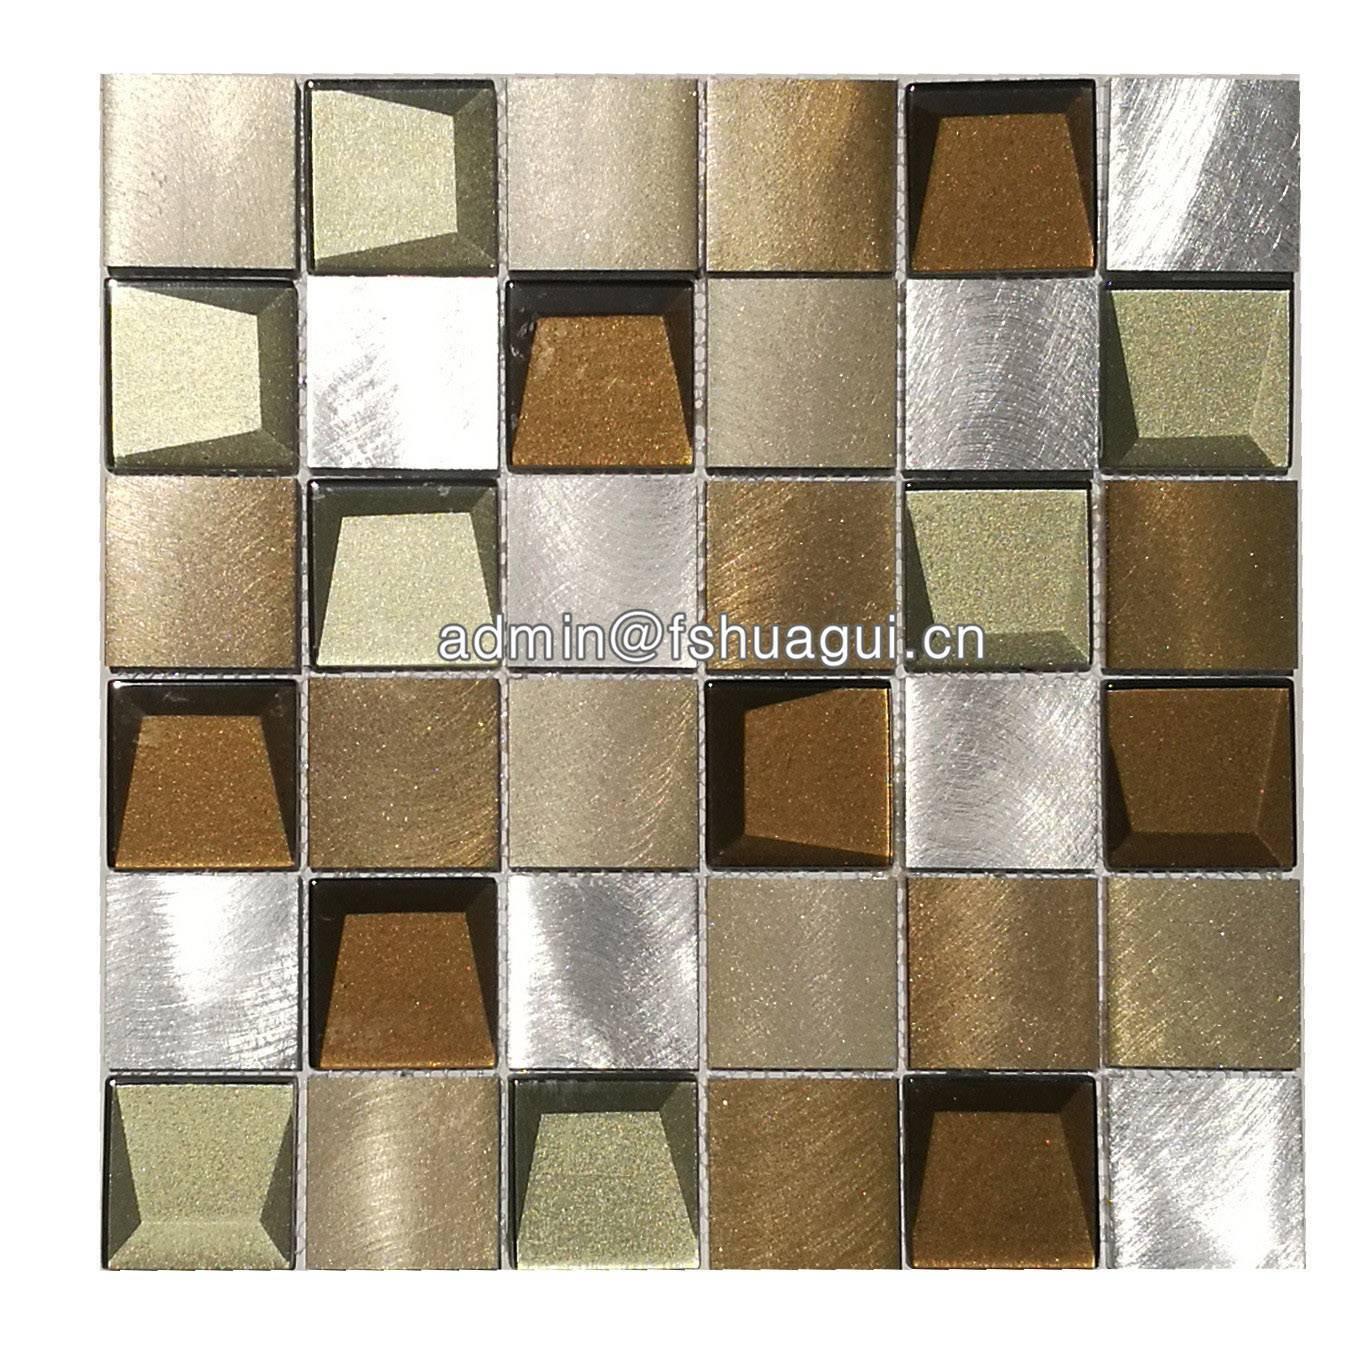 3d beveled dynamic glass facets mosaic blend metal tile backsplash